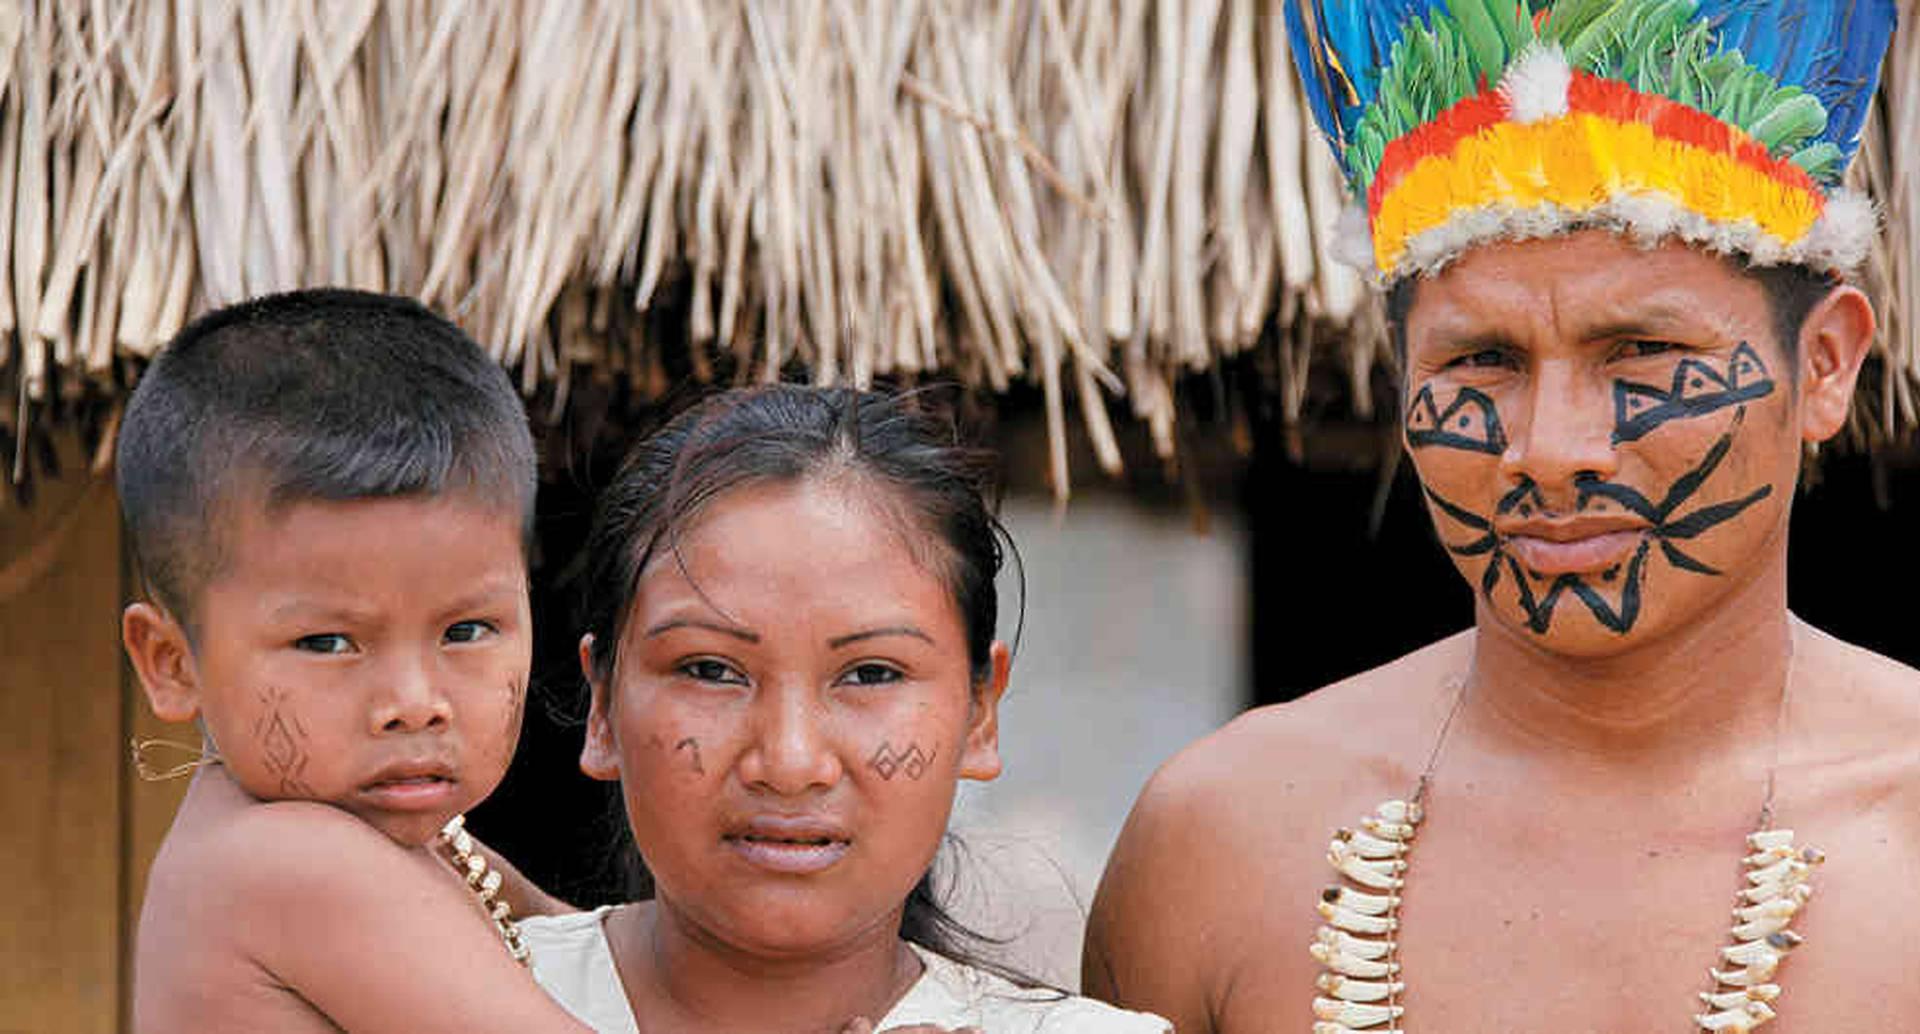 Los indígenas Sikuani elaboran piezas talladas en madera.